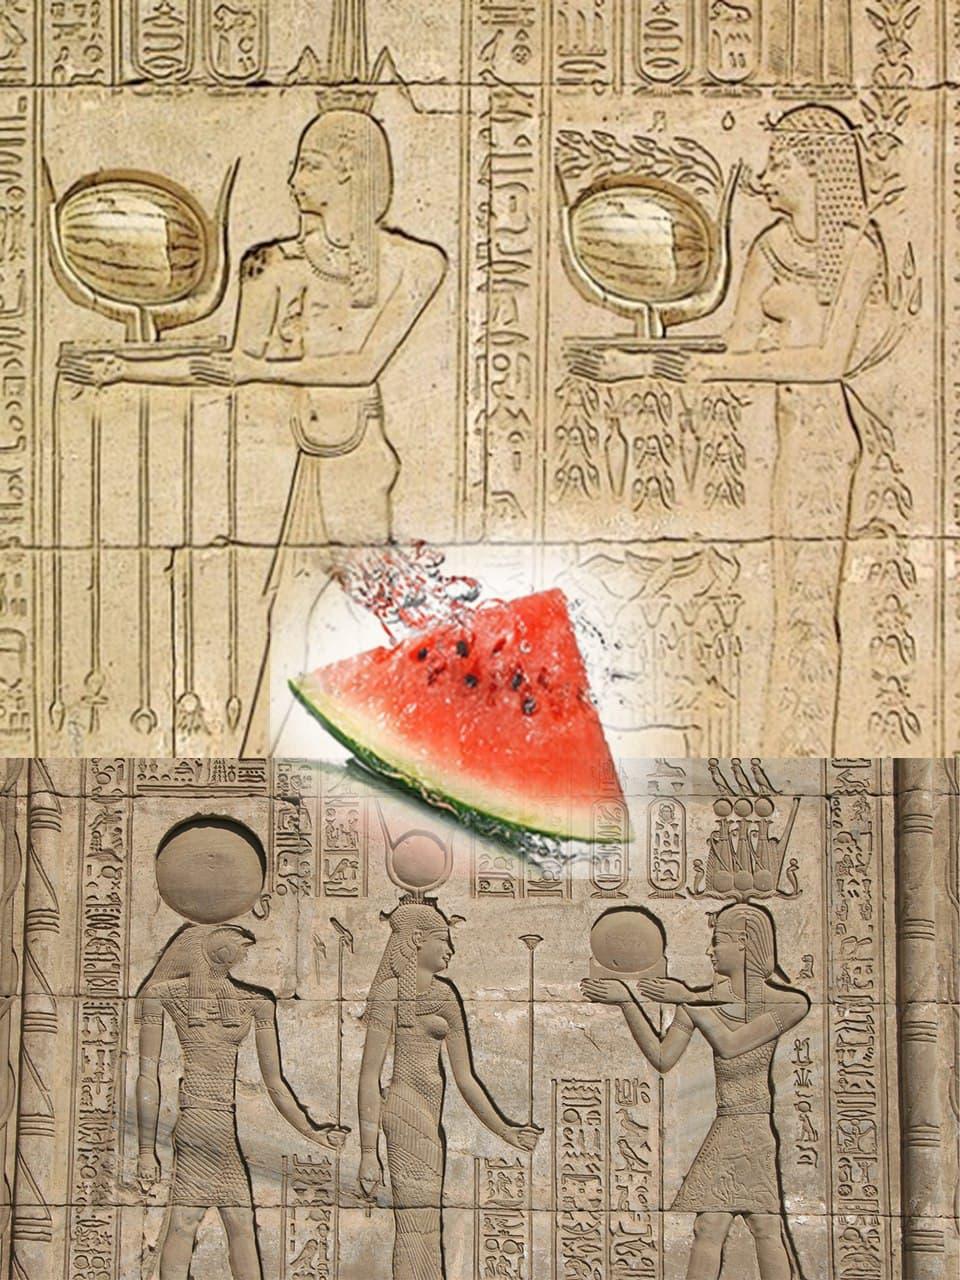 میوه قبر در مصر باستان + عکس